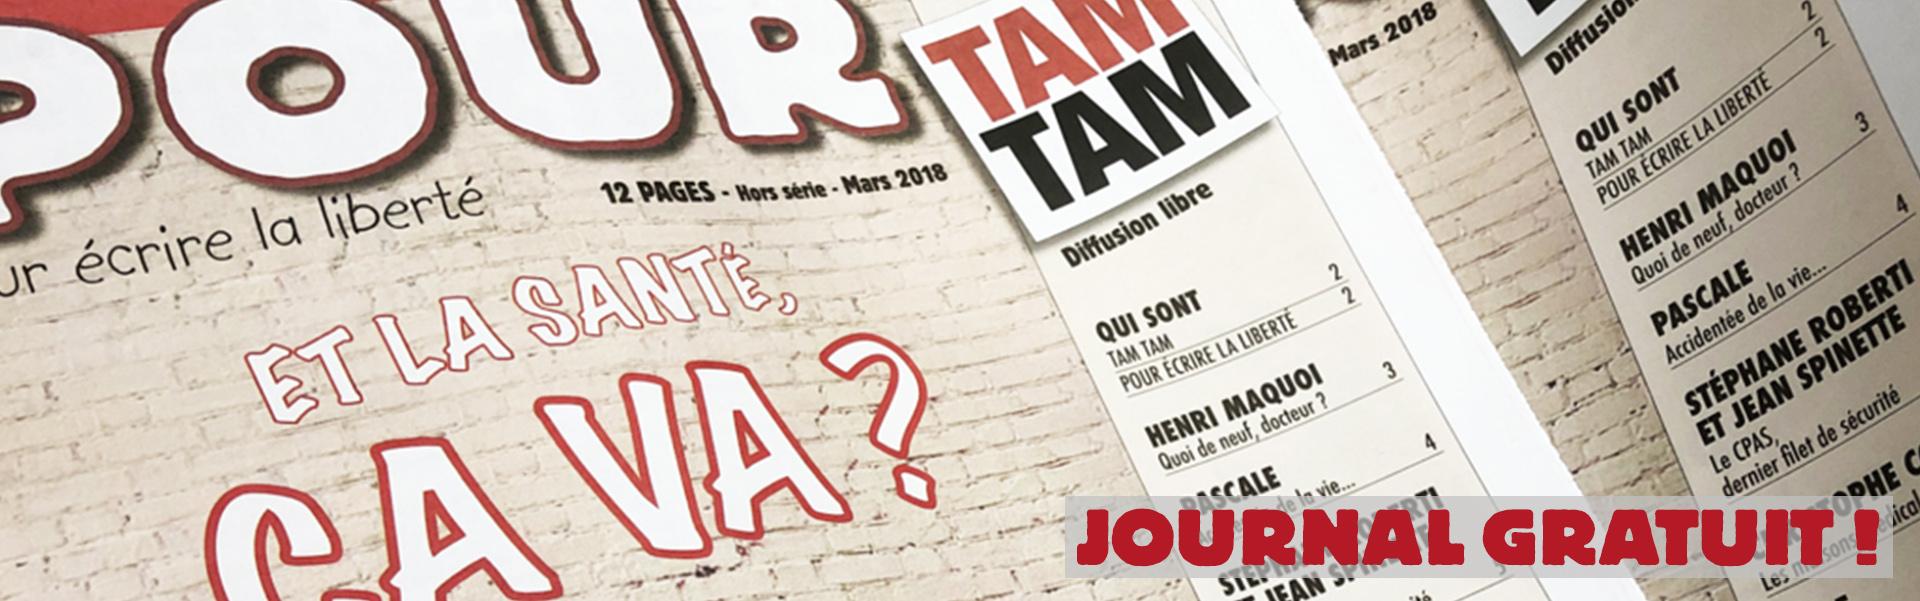 Journal spécial santé avec TAMTAM - www.pour.press